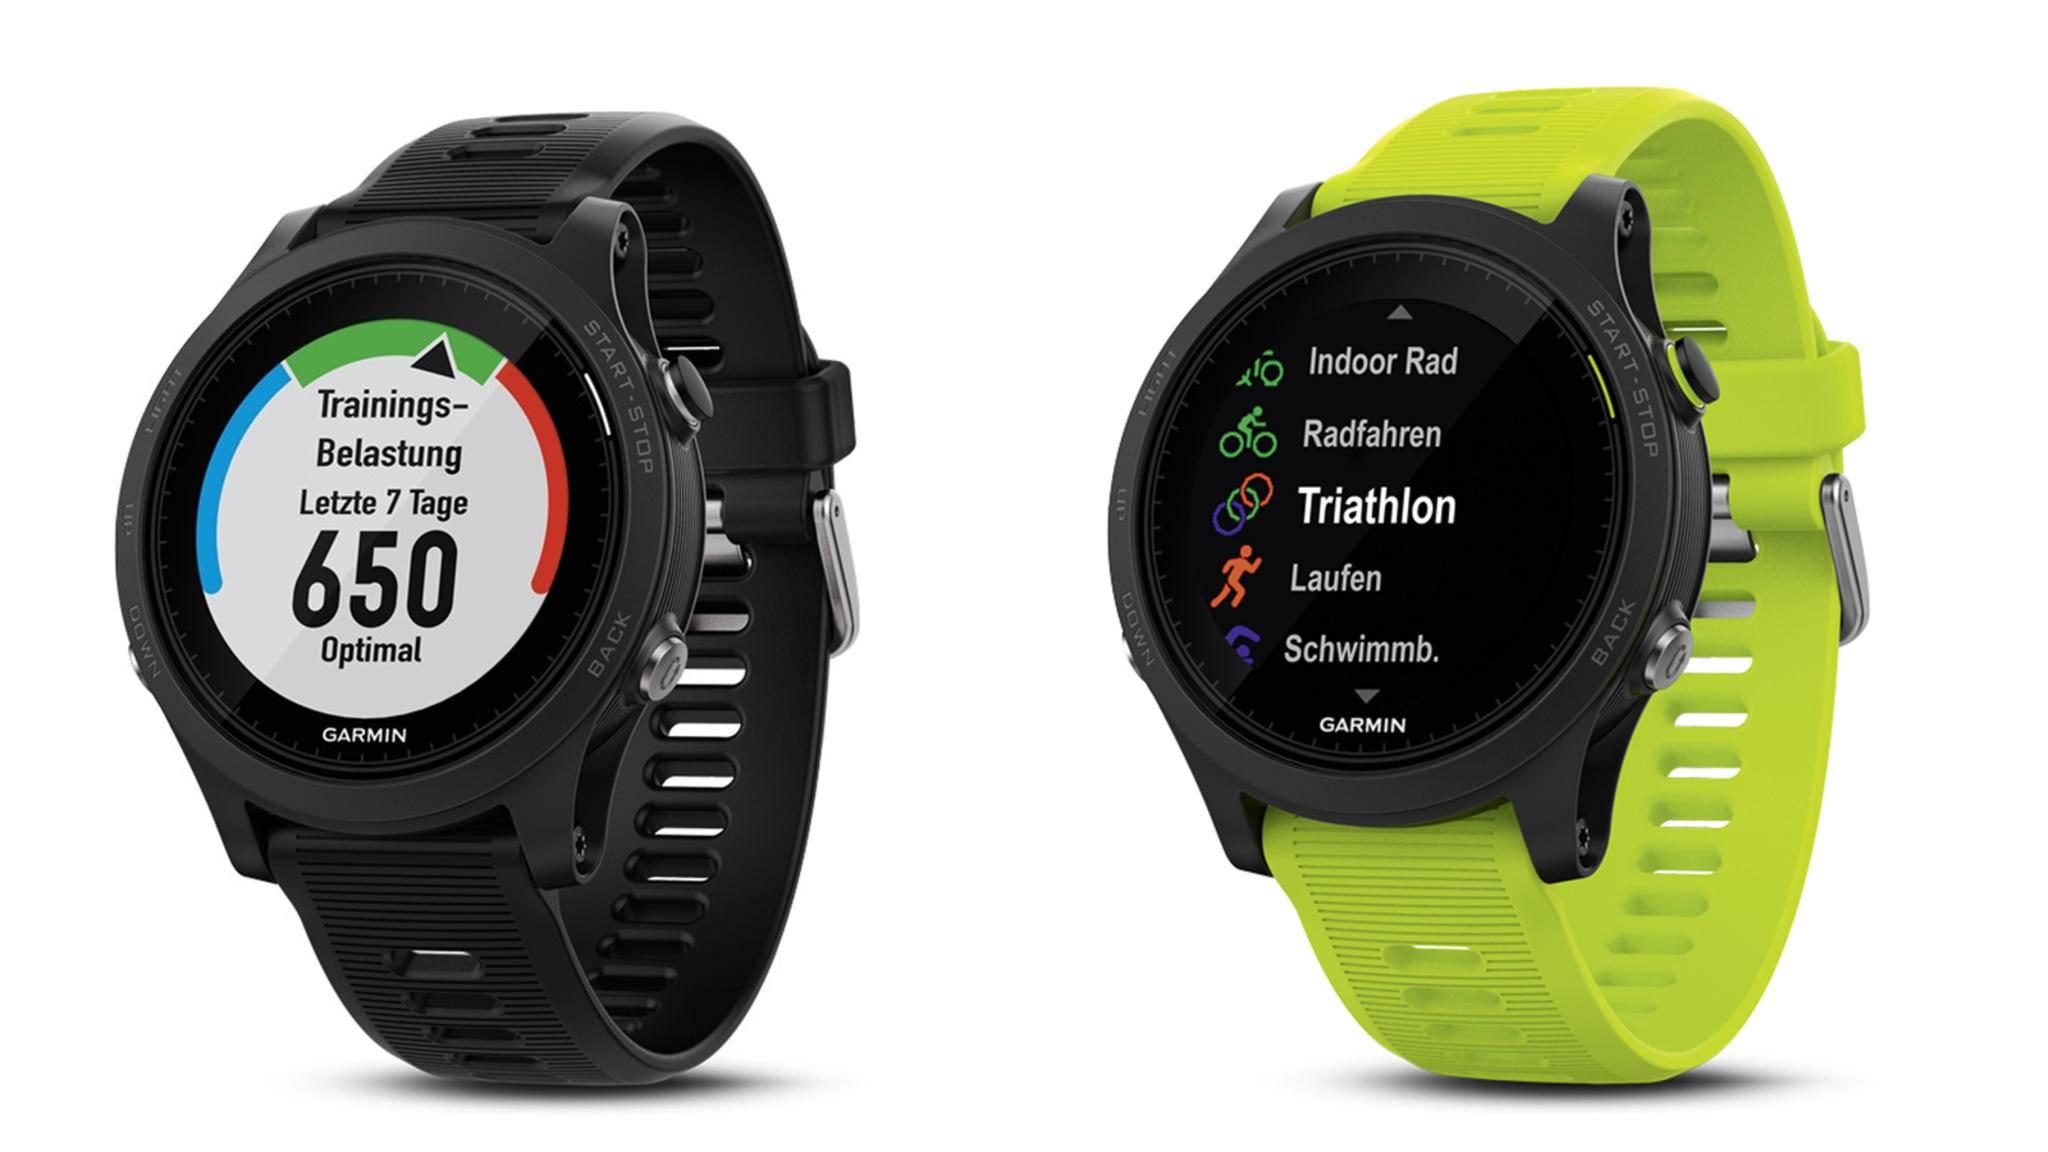 Die Garmin Forerunner 935 wird als High-End GPS-Multisport-Smartwatch beworben.